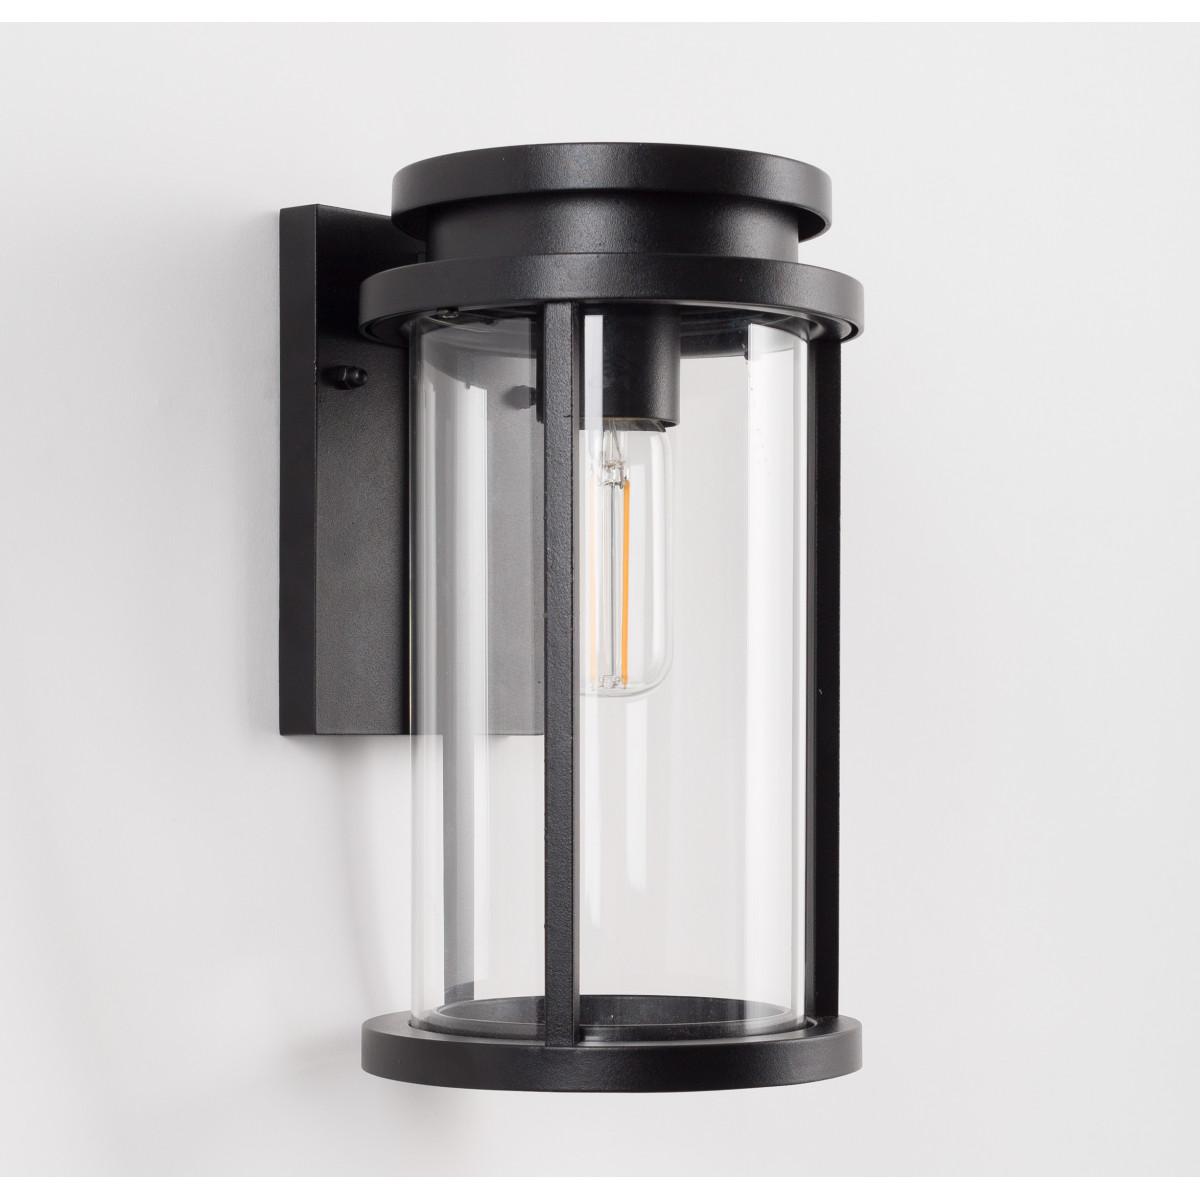 Sydney L Auβenleuchte, zeitloses Design, Außenwandleuchte Schwarz, das Leuchtmittel sichtbar, E27